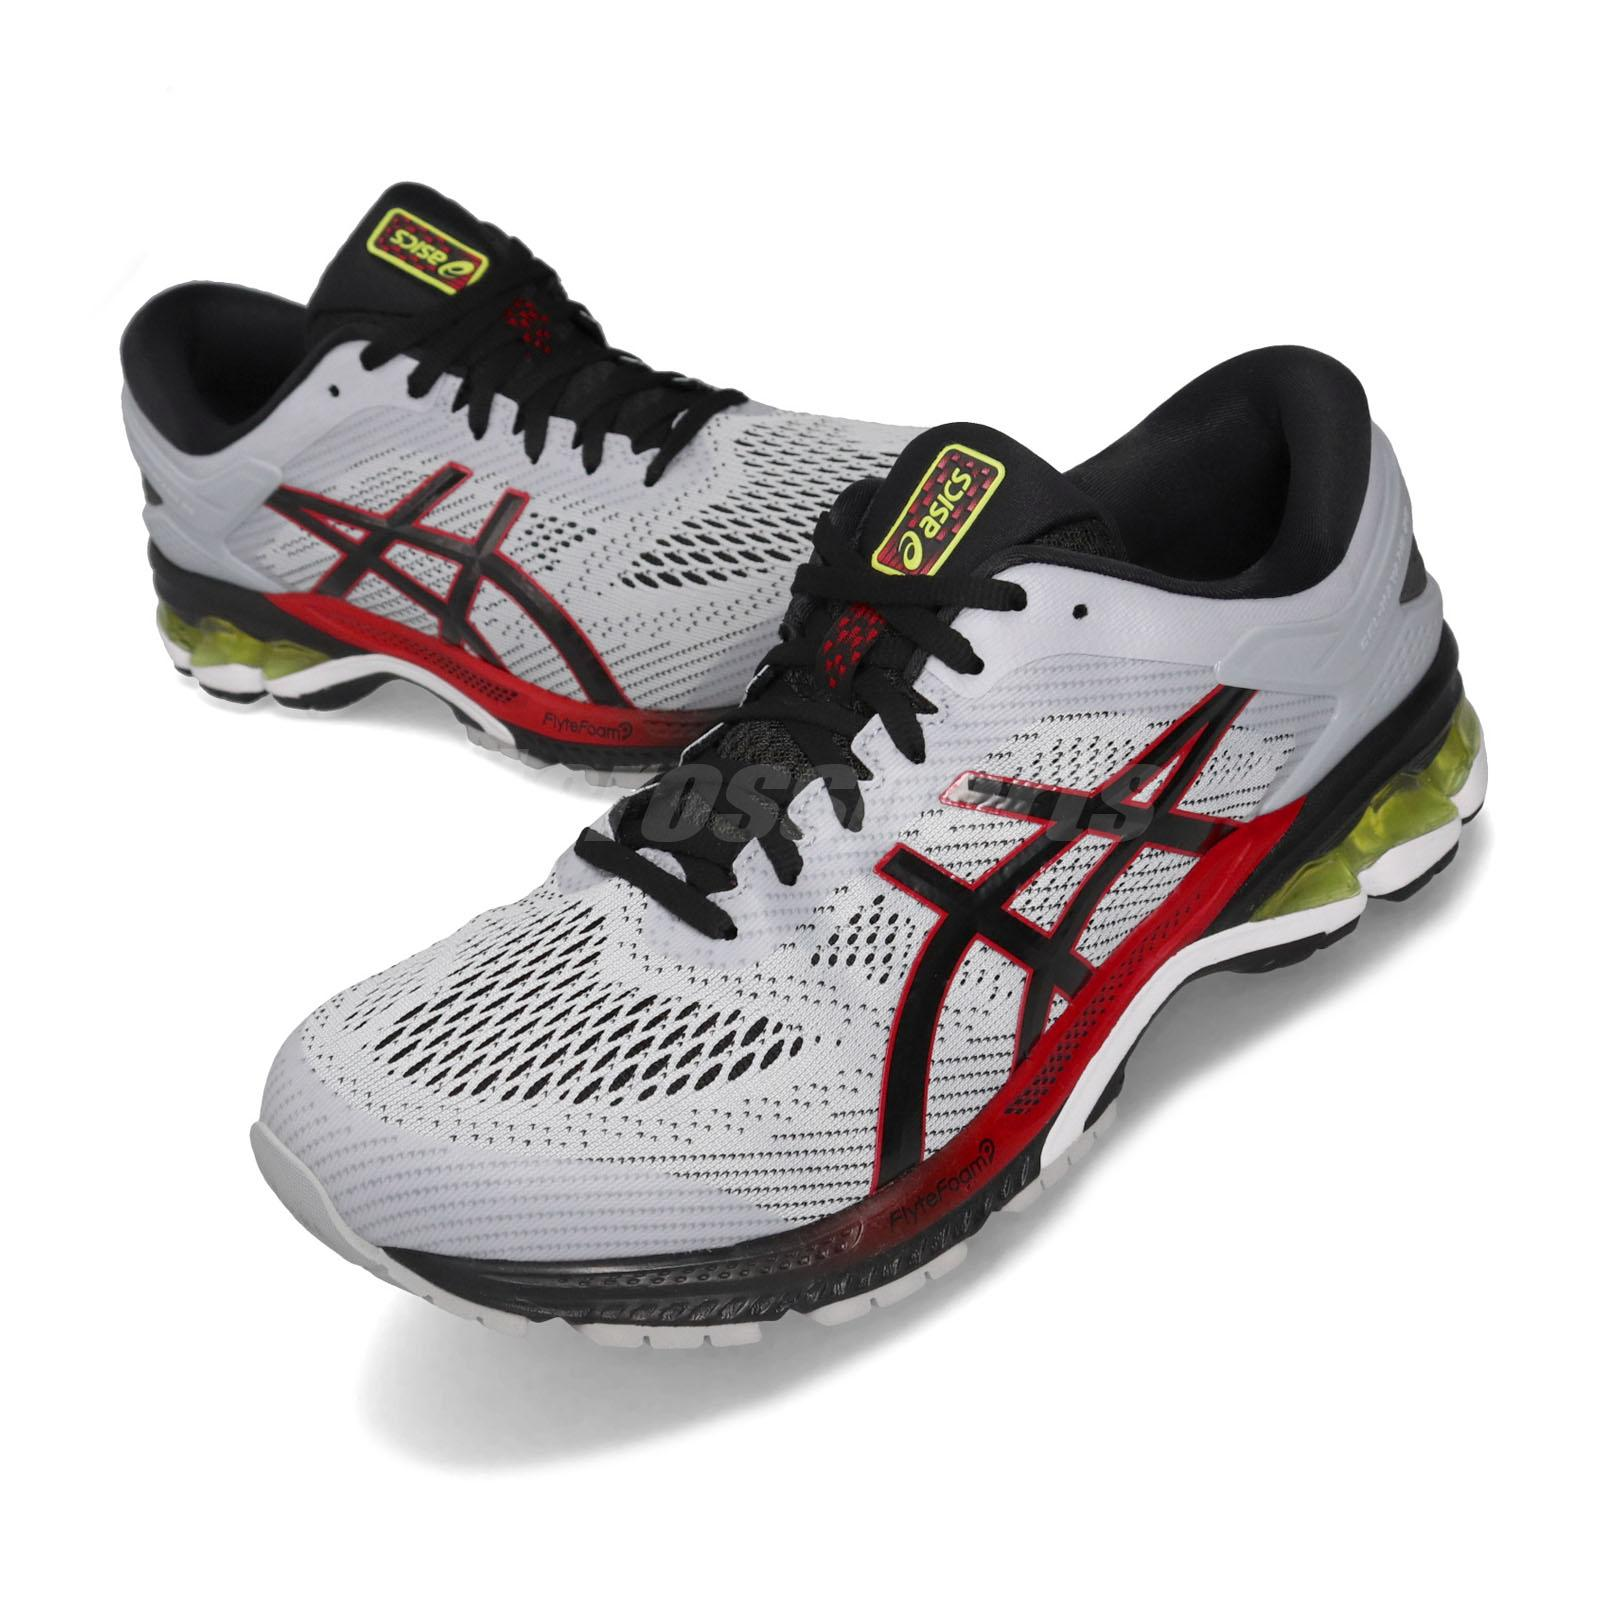 chaussure asics gel kayano 26